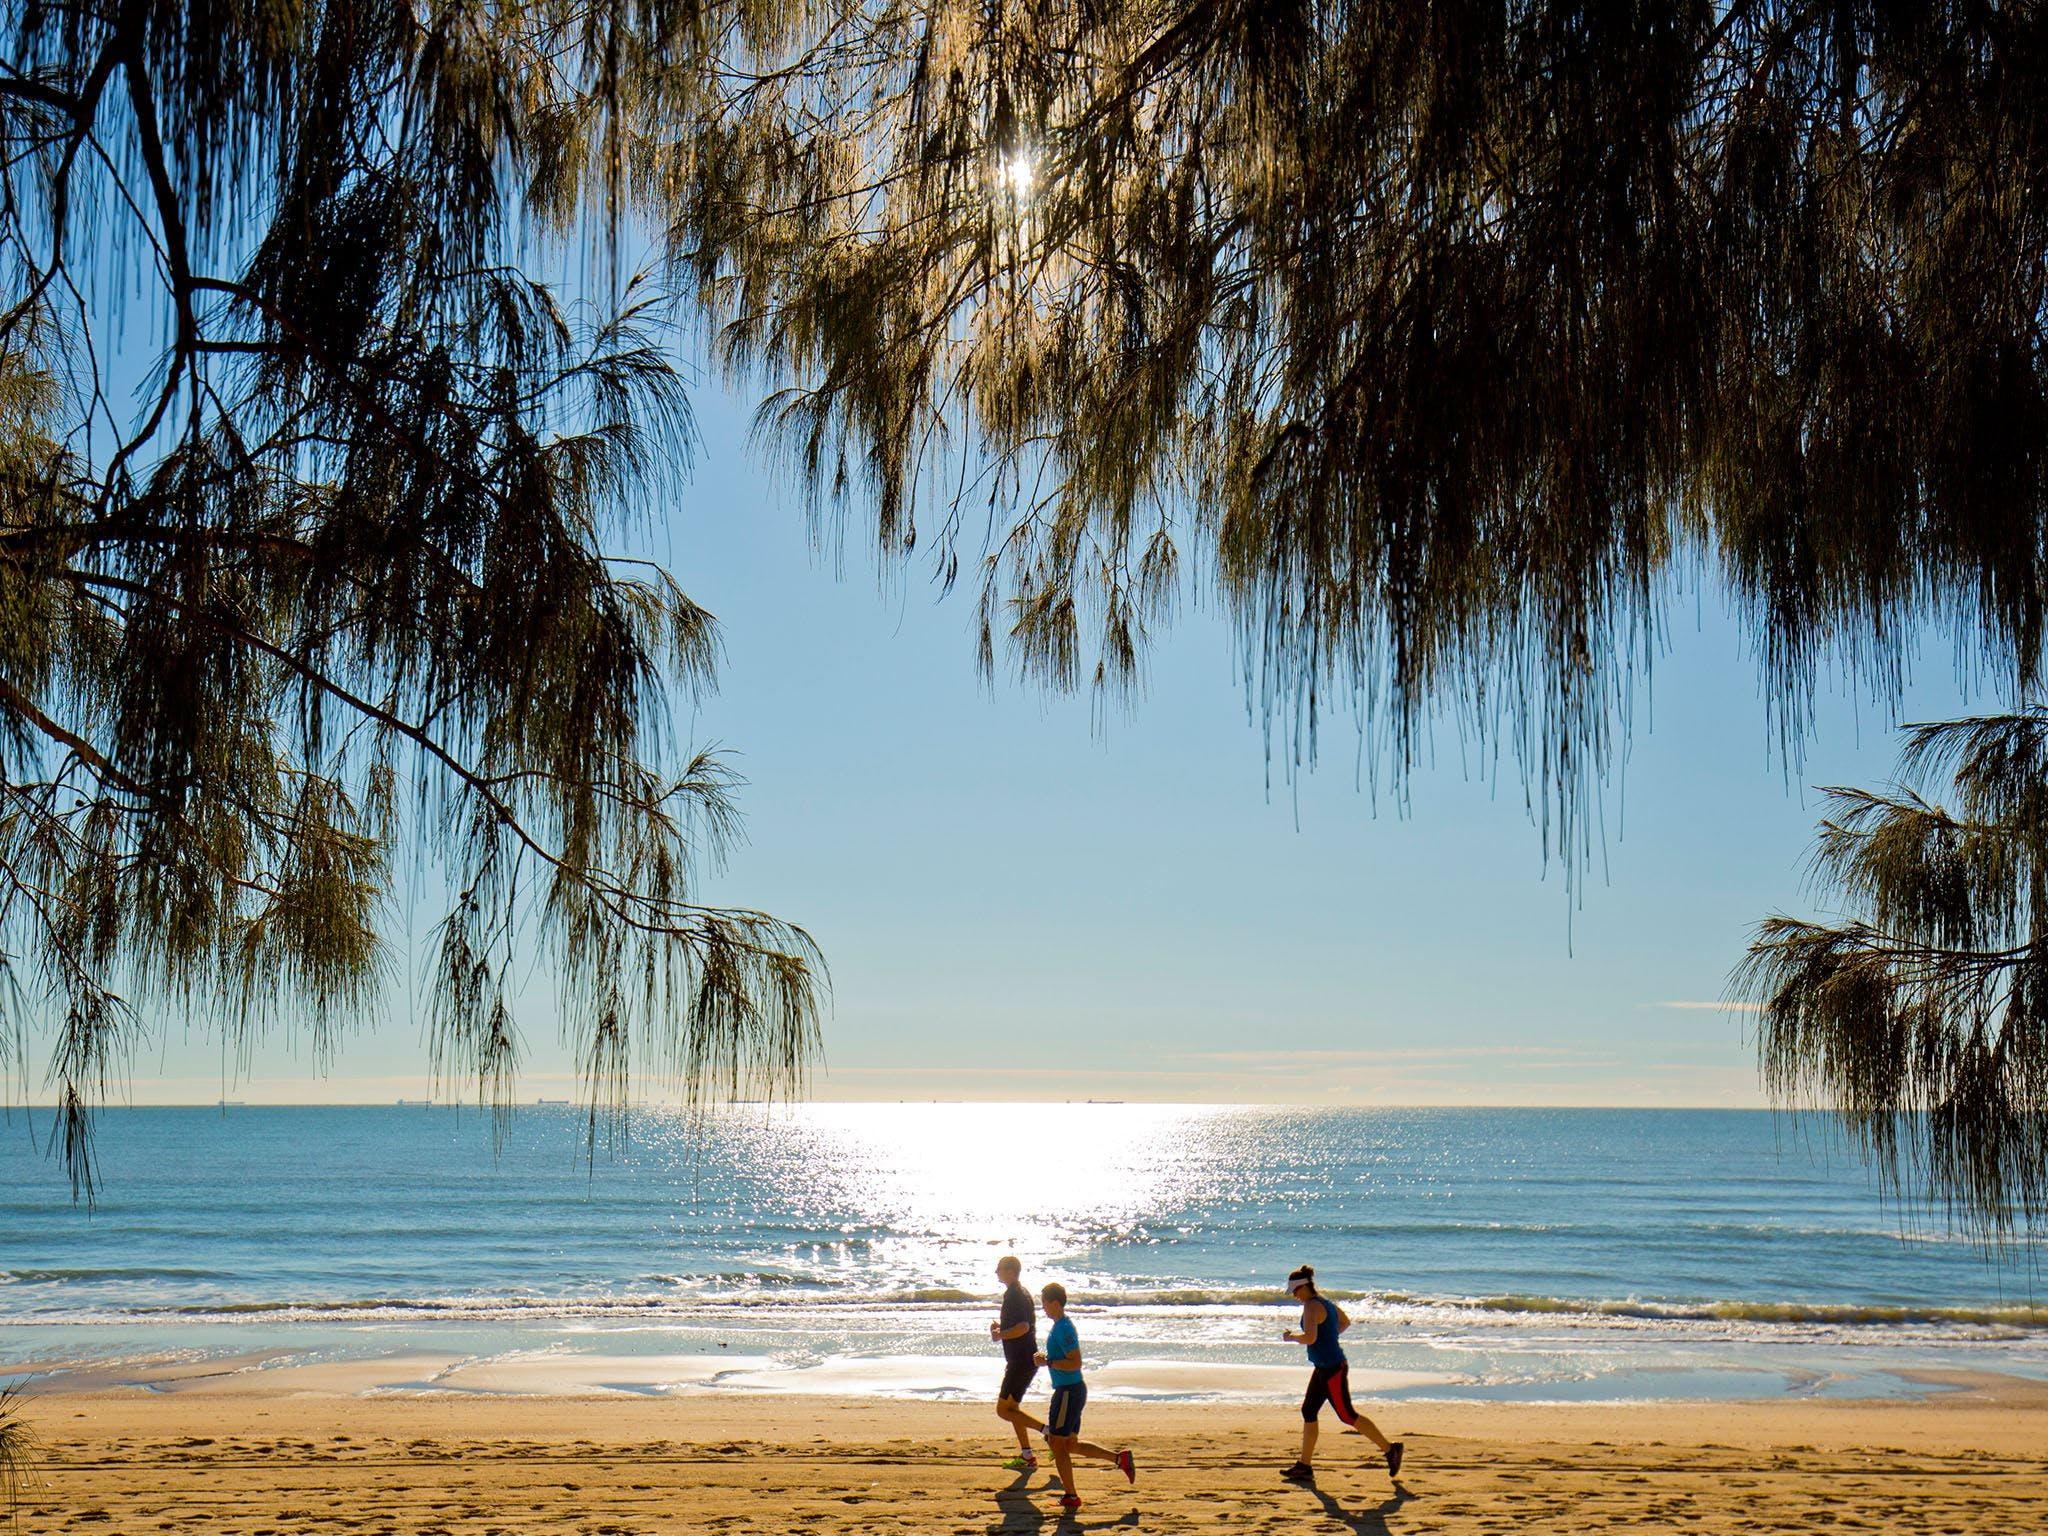 Millennium Esplanade and Tannum Sands Beach Logo and Images